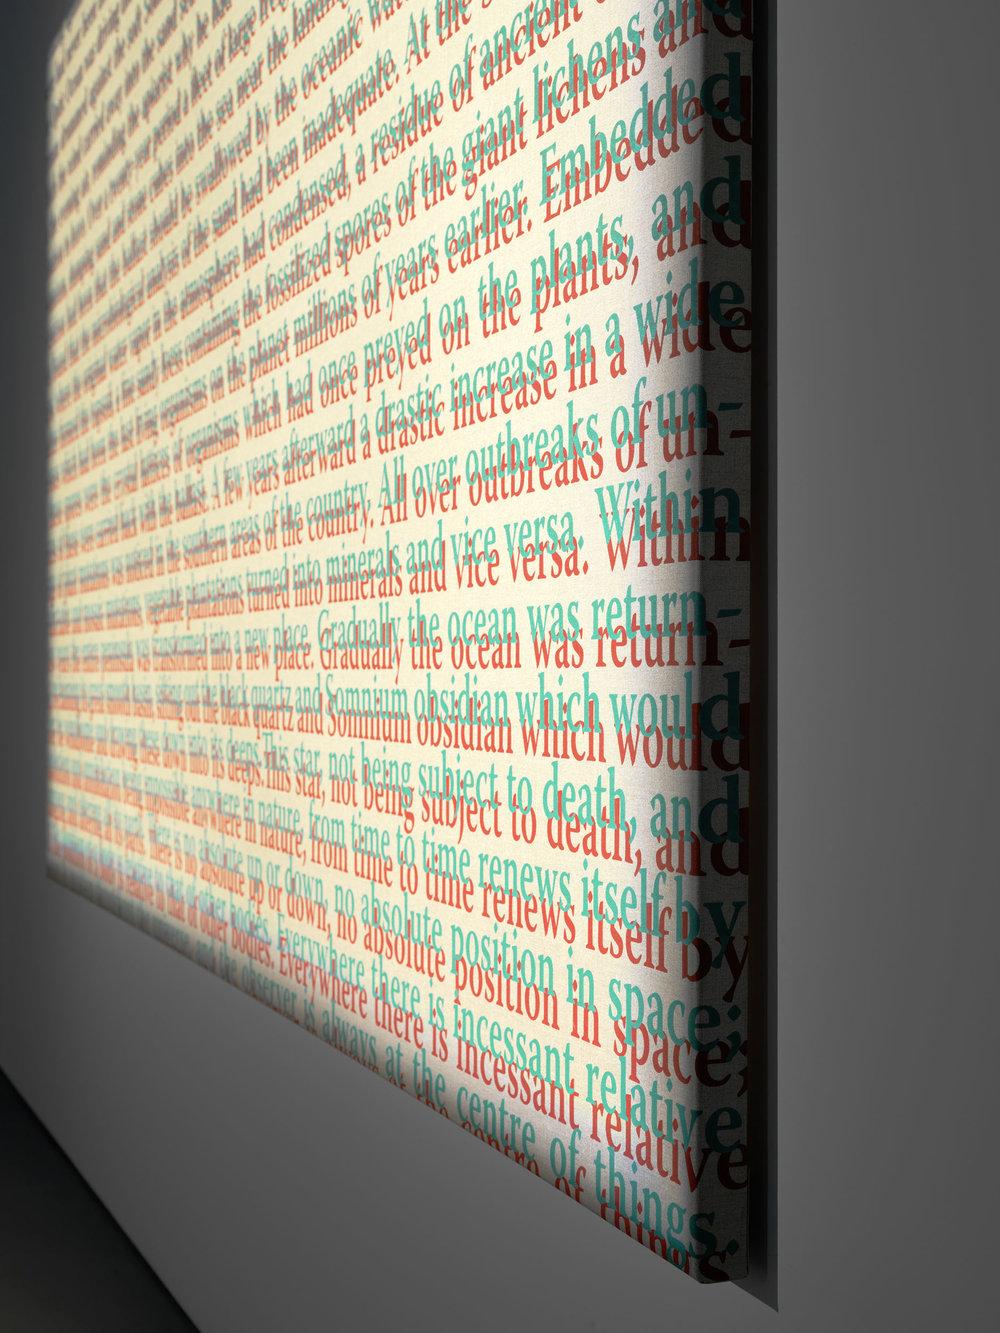 RB_2011_Optic_Ocean_cg2011_2.jpg